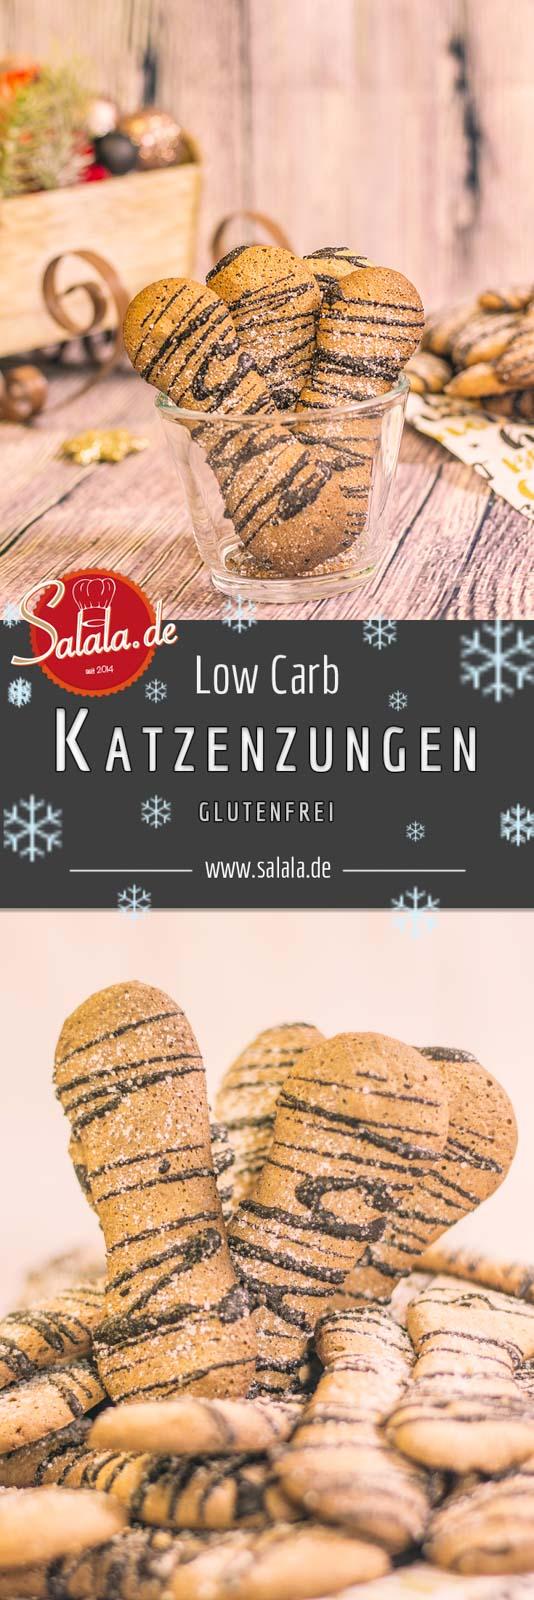 Low Carb Katzenzungen - by salala.de - Low Carb Weihnachsplätzchen Weihnachtsgebäck zuckerfrei mehlfrei ohne mehl glutenfrei